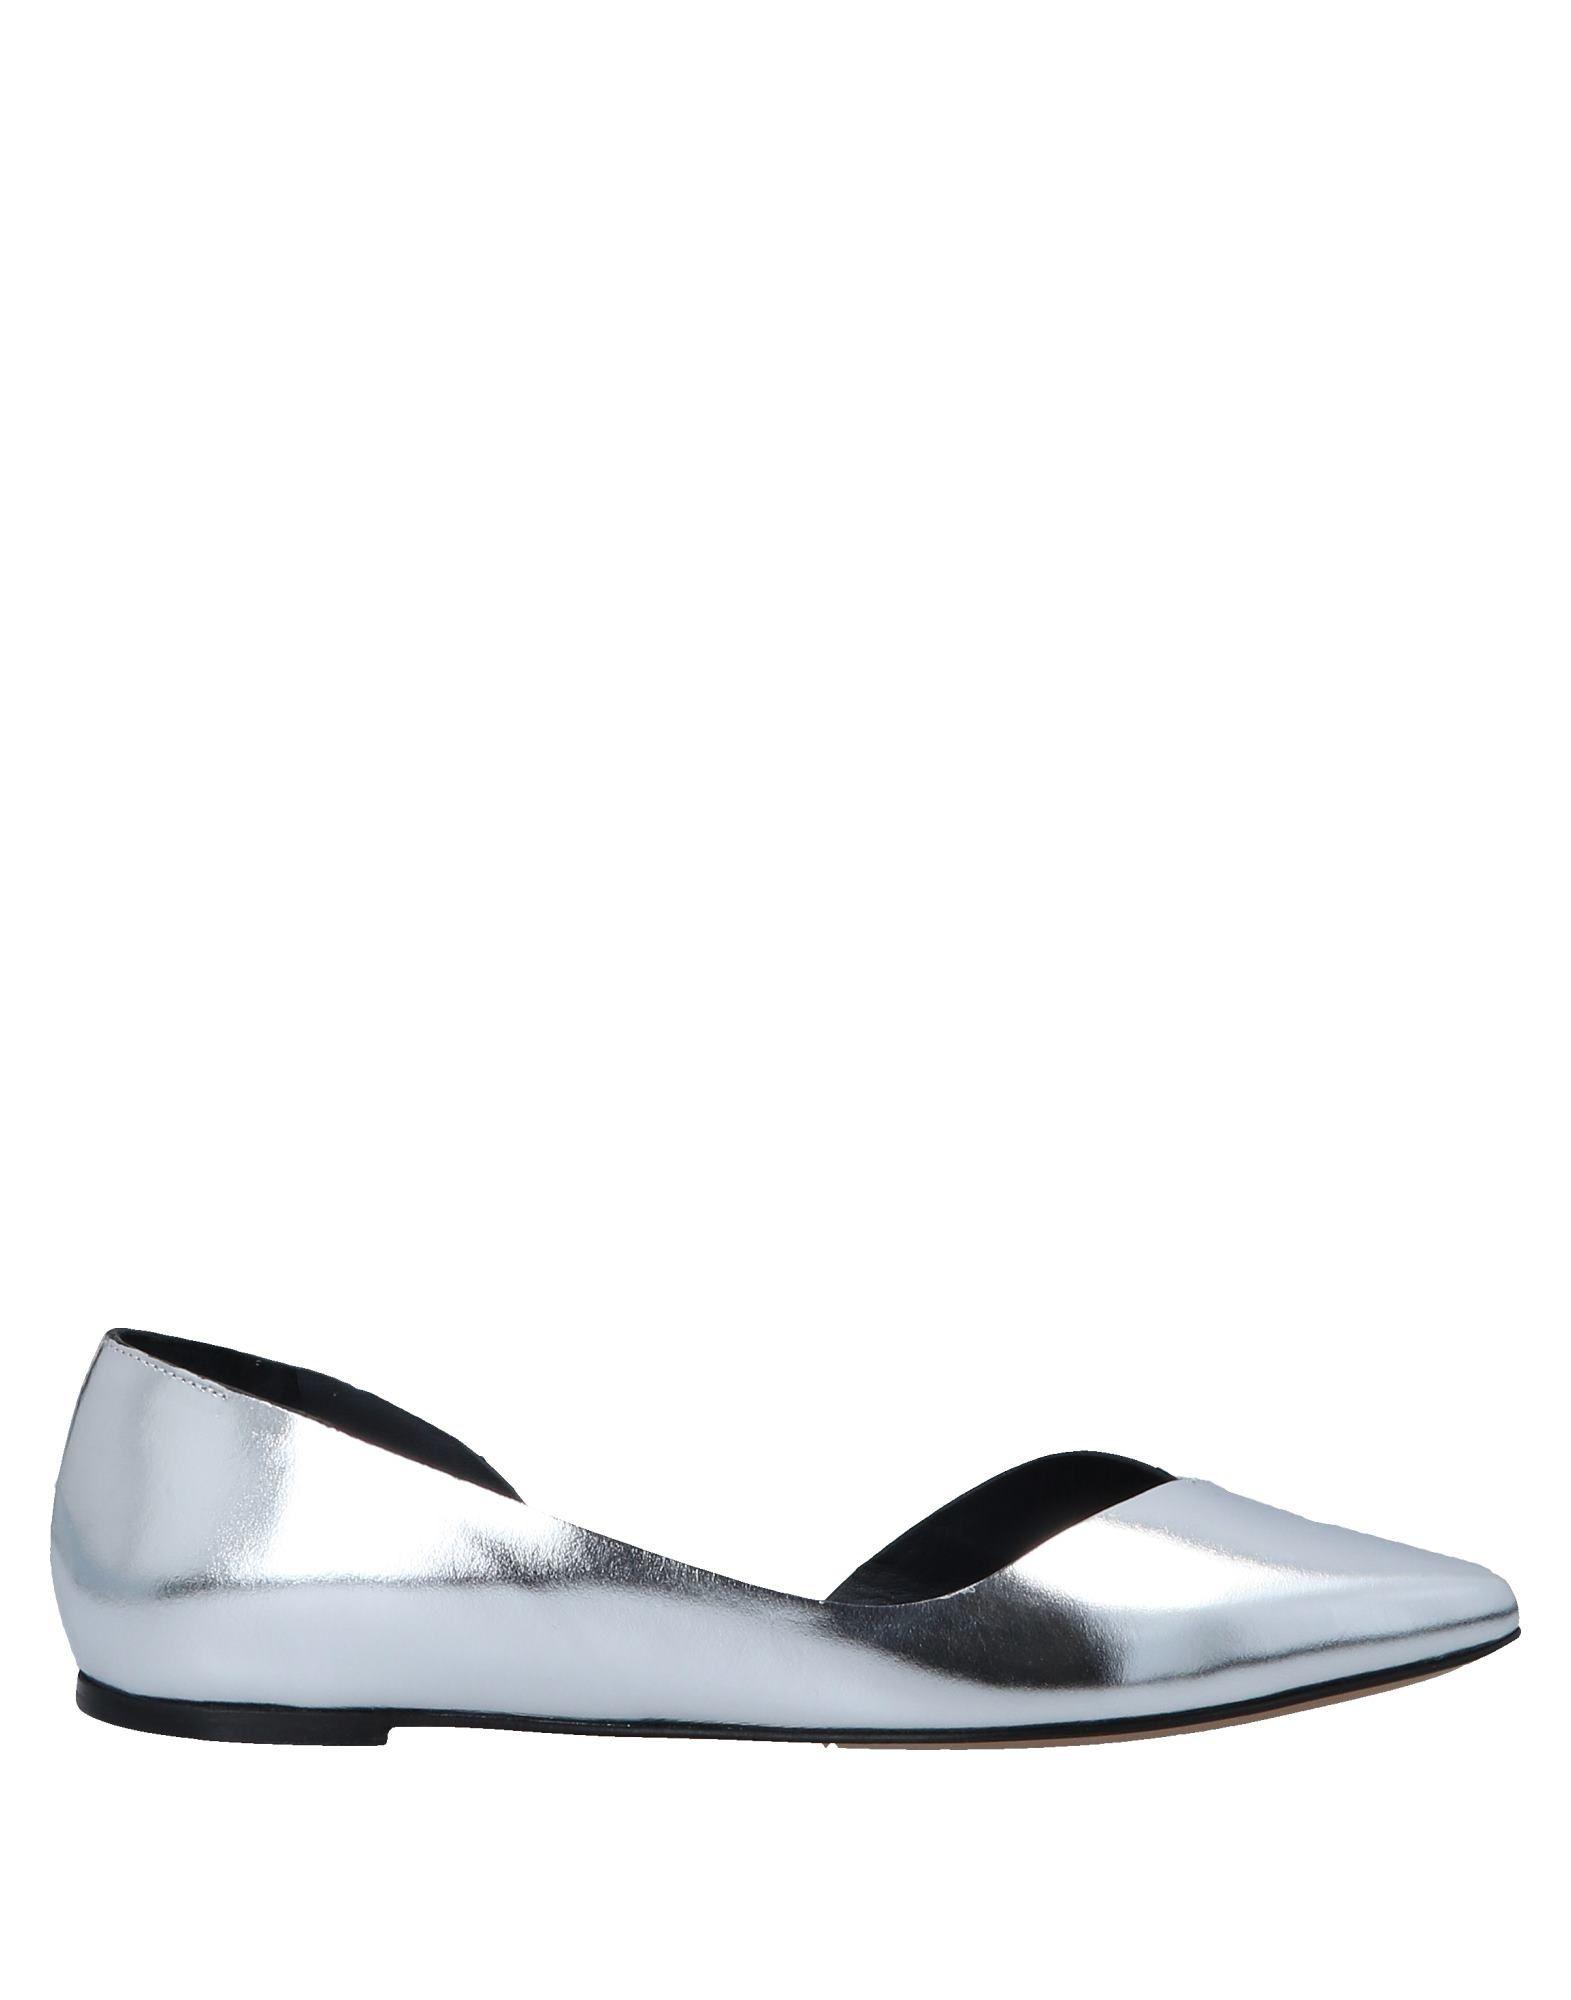 Isabel Marant Étoile Ballerinas Damen  11263785SPGut aussehende strapazierfähige Schuhe